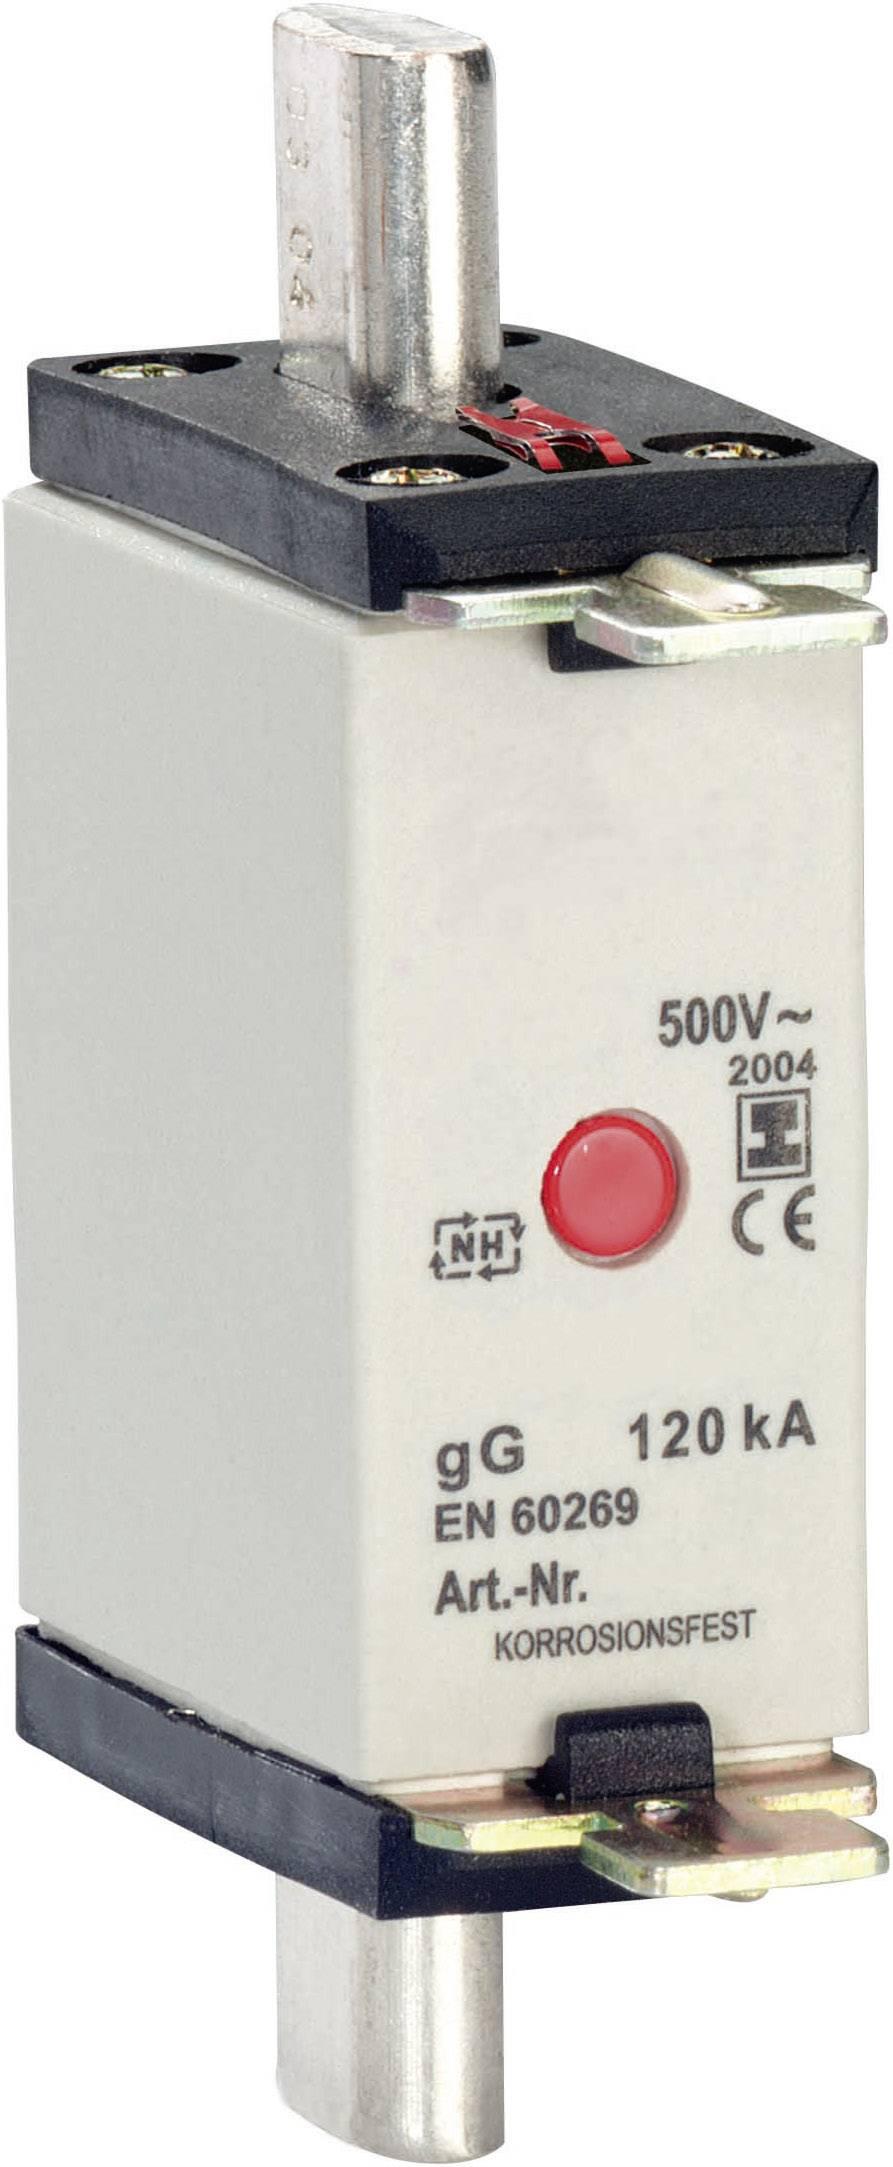 NH poistka Bals Elektrotechnik 9399, veľkosť poistky 000, 16 A, 500 V/AC